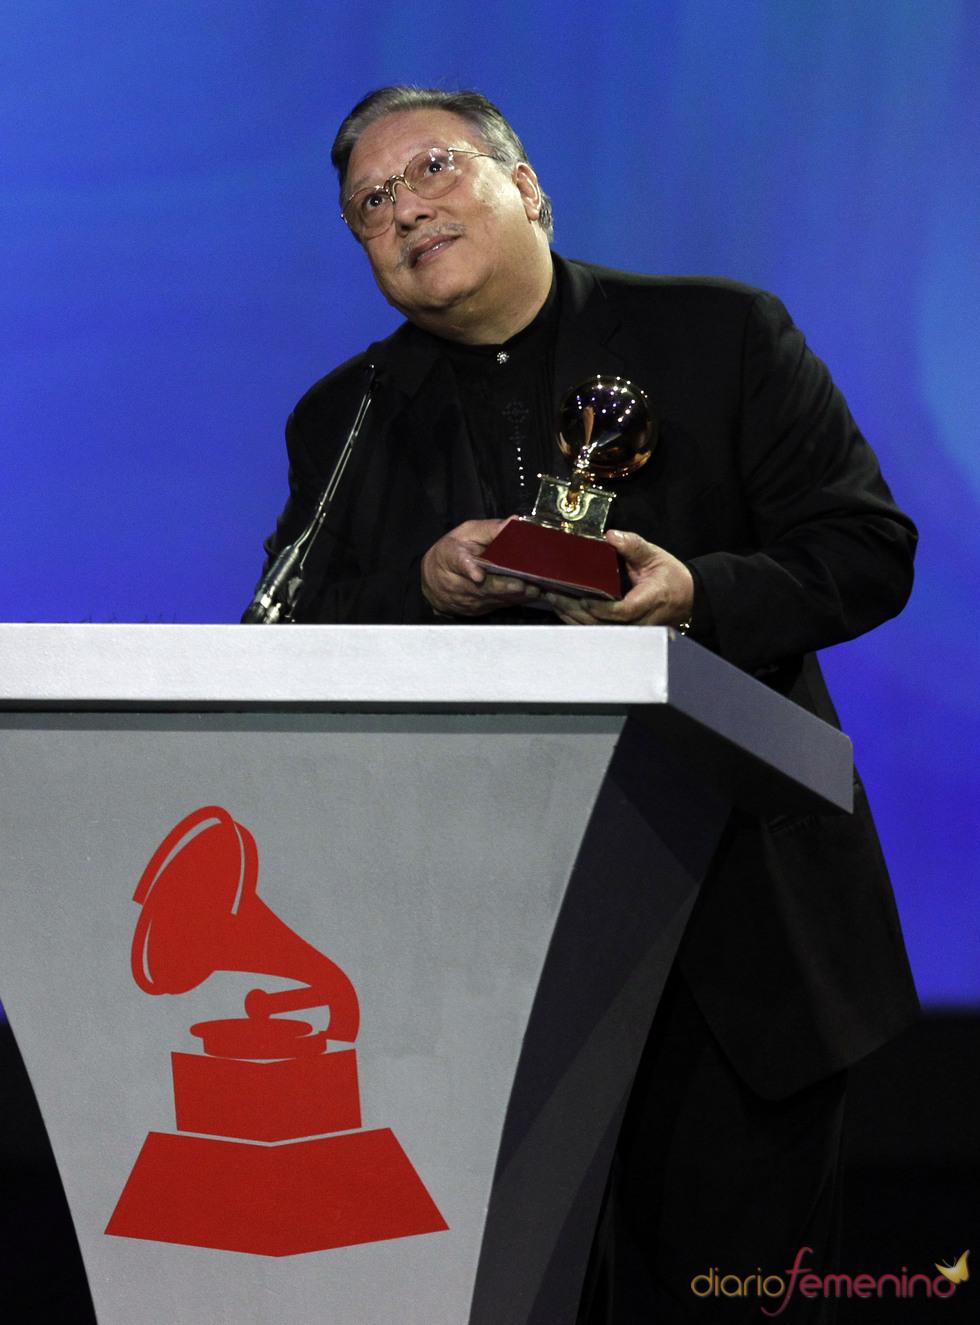 Arturo Sandoval recibió el premio al mejor álbum instrumental